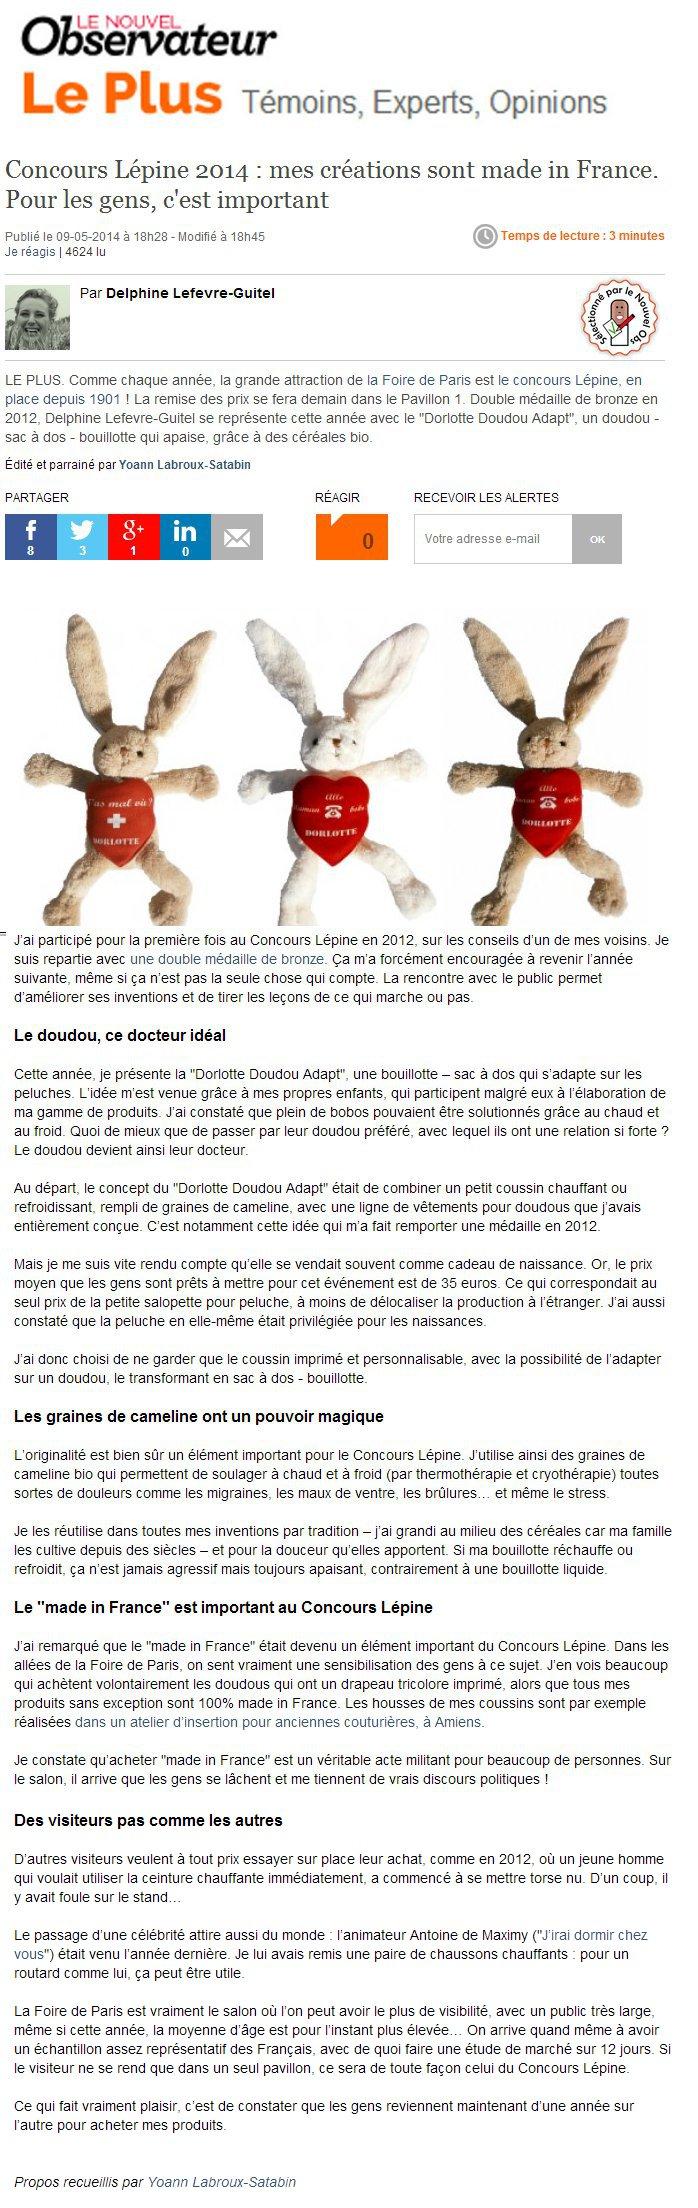 Retrouvez le doudou bouillotte peluche personnalisable dans Le nouvel observateur page plus du 9 mai 2014